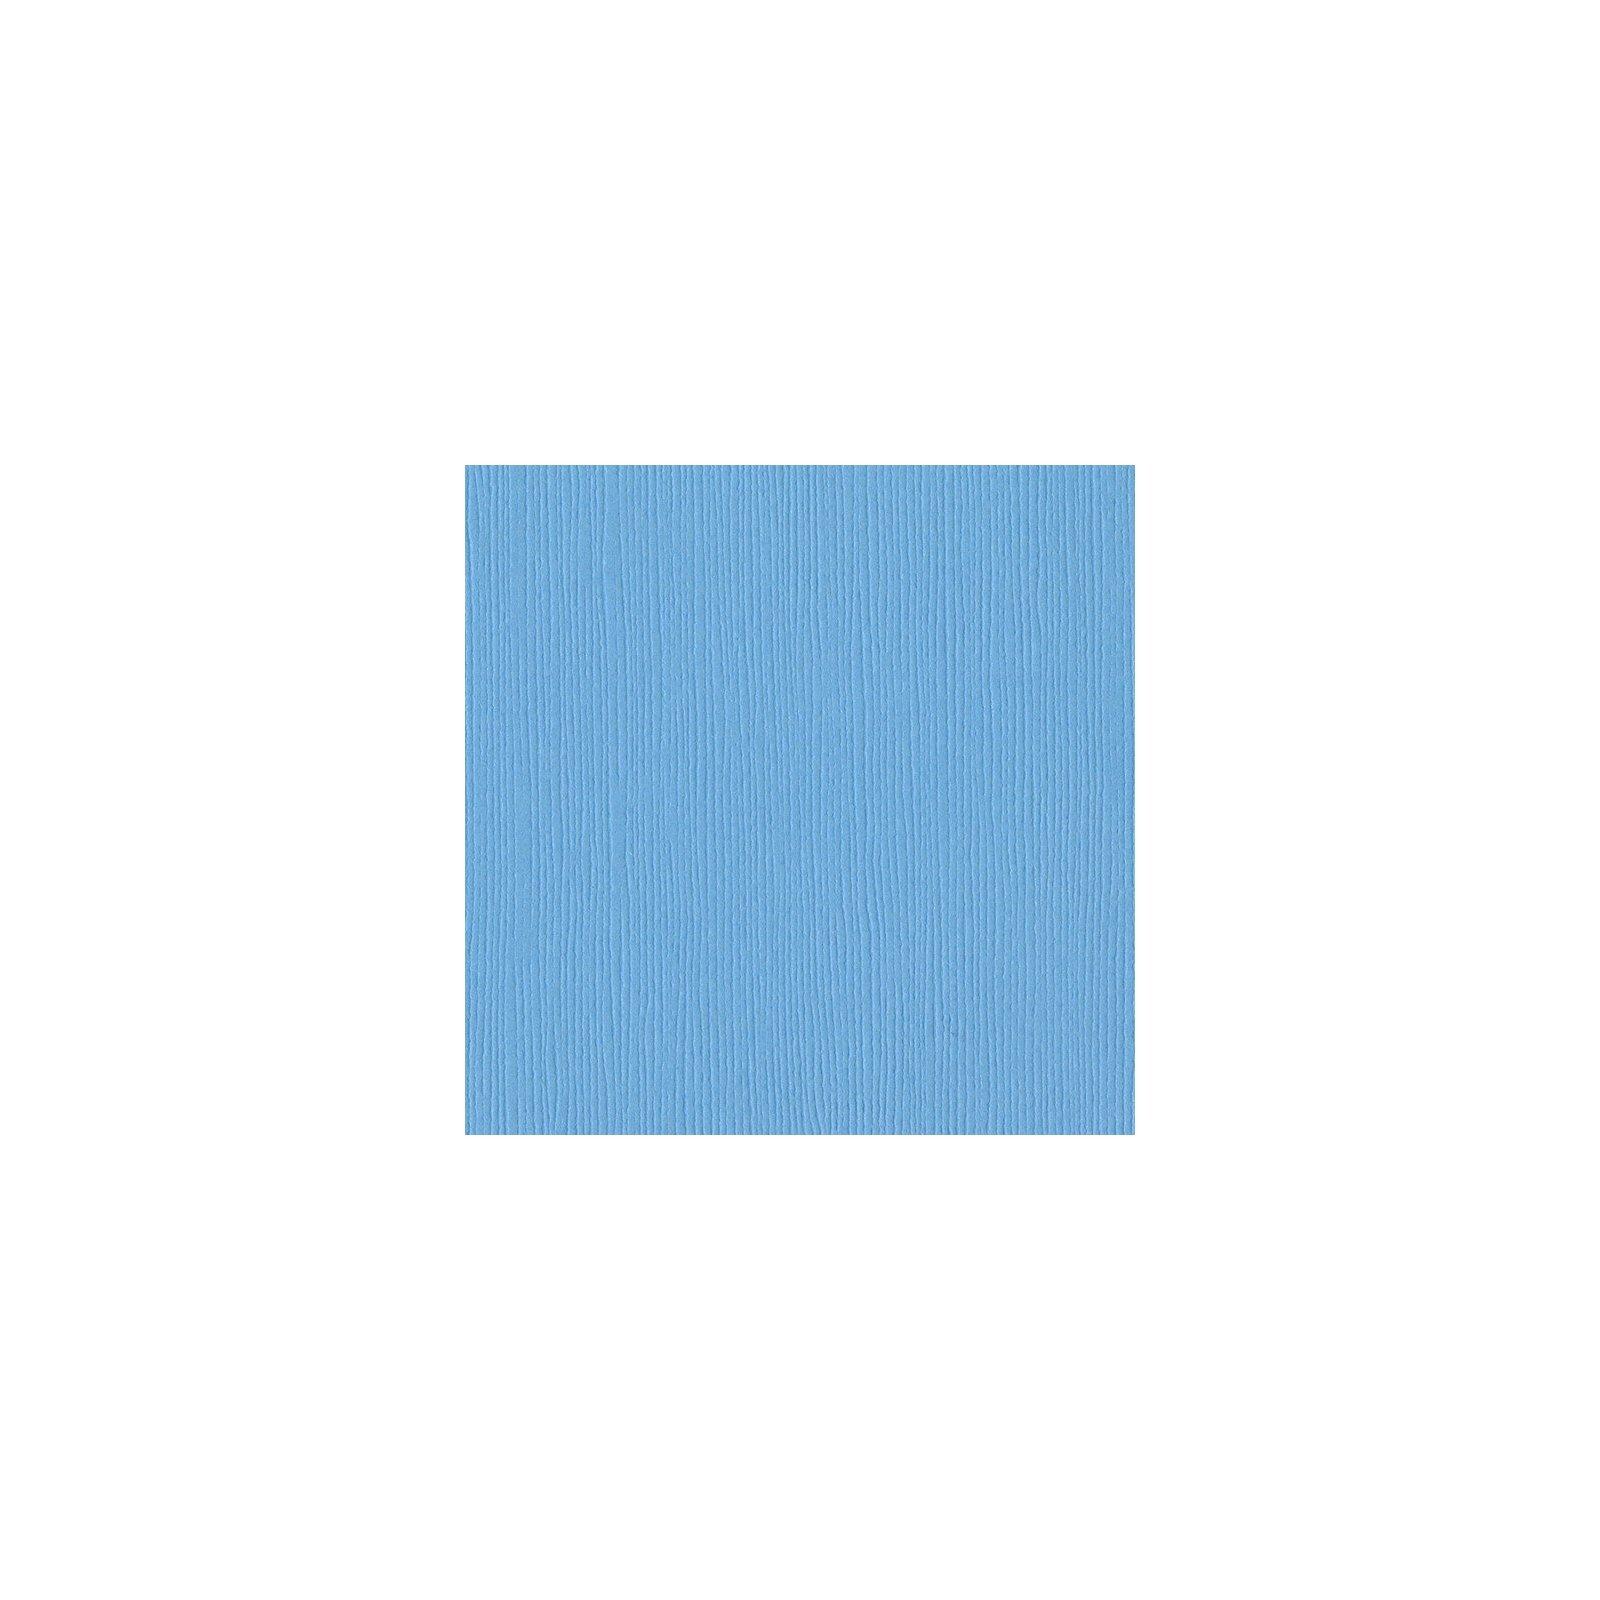 Papier bleu ciel - Vibrant blue - Bleu vibrant - Fourz - Bazzill Basics Paper